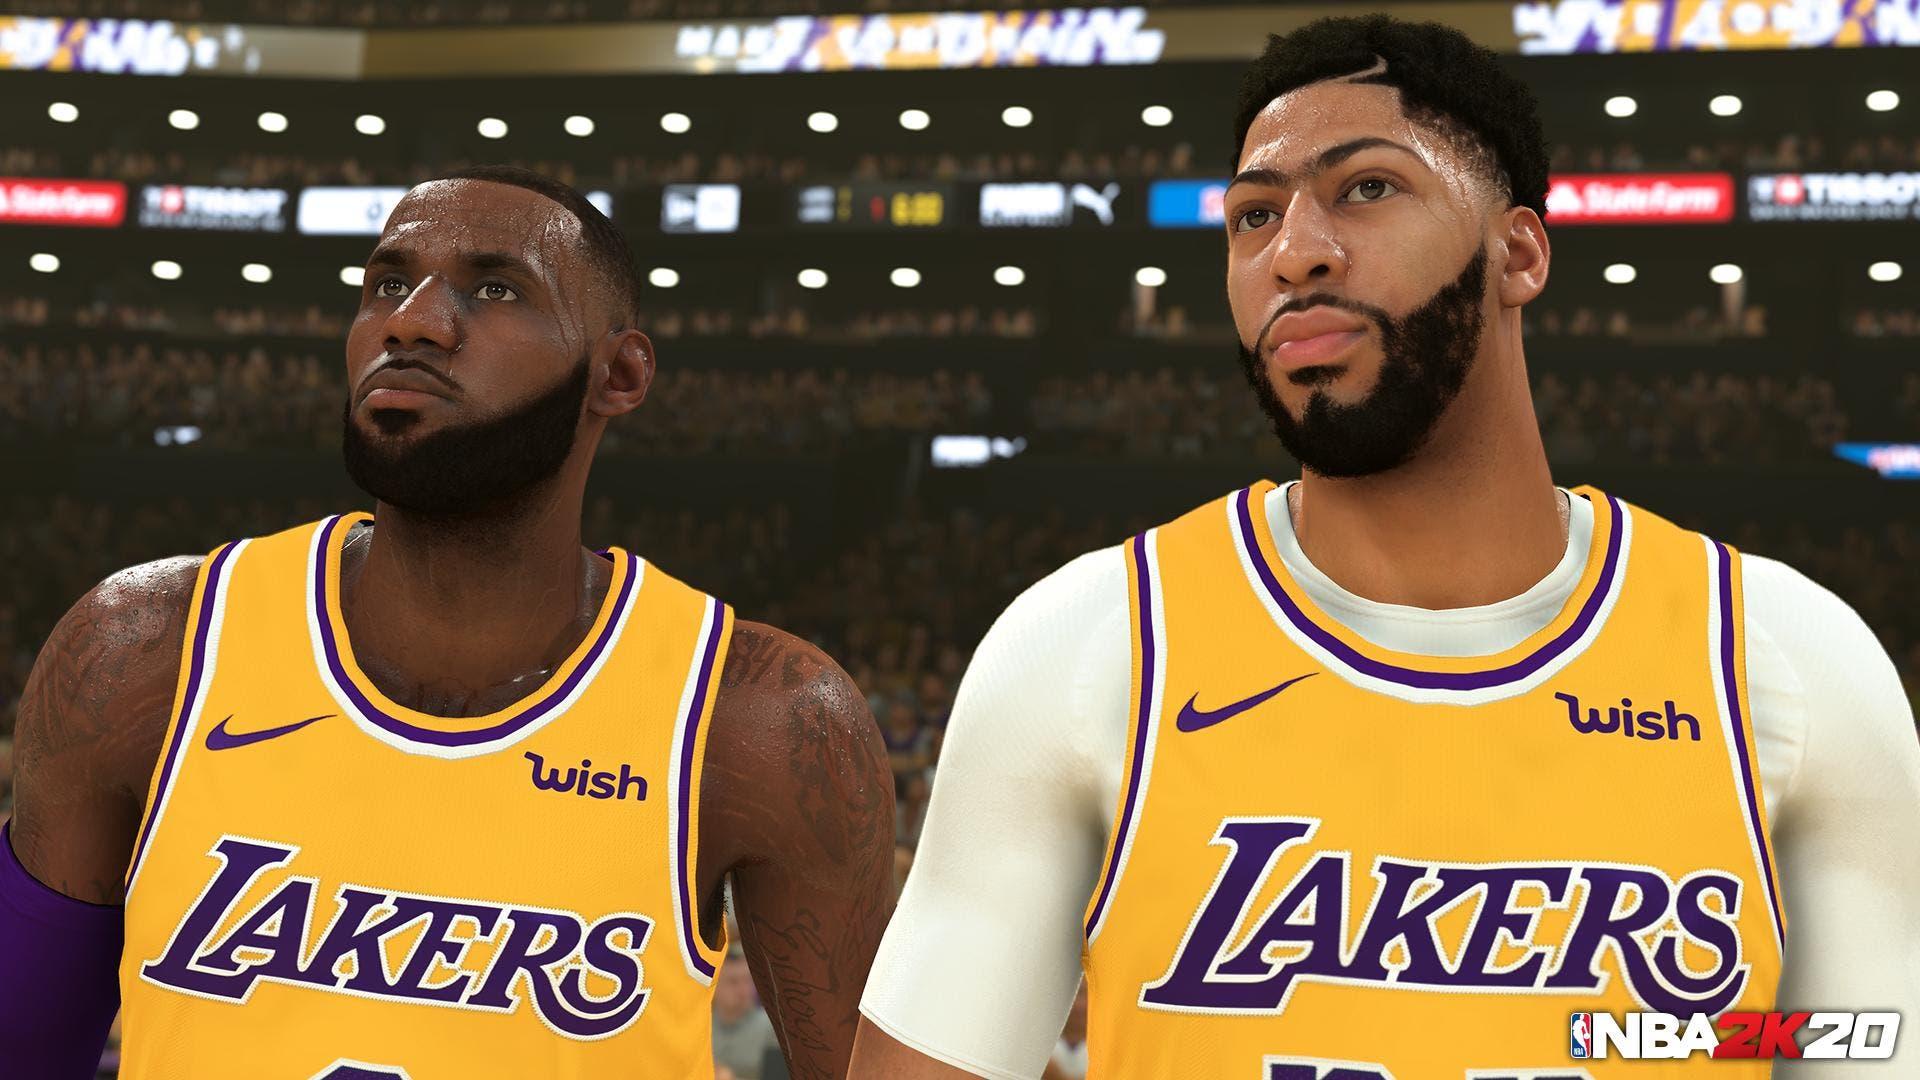 los 20 jugadores con mejor valoración en NBA 2k20